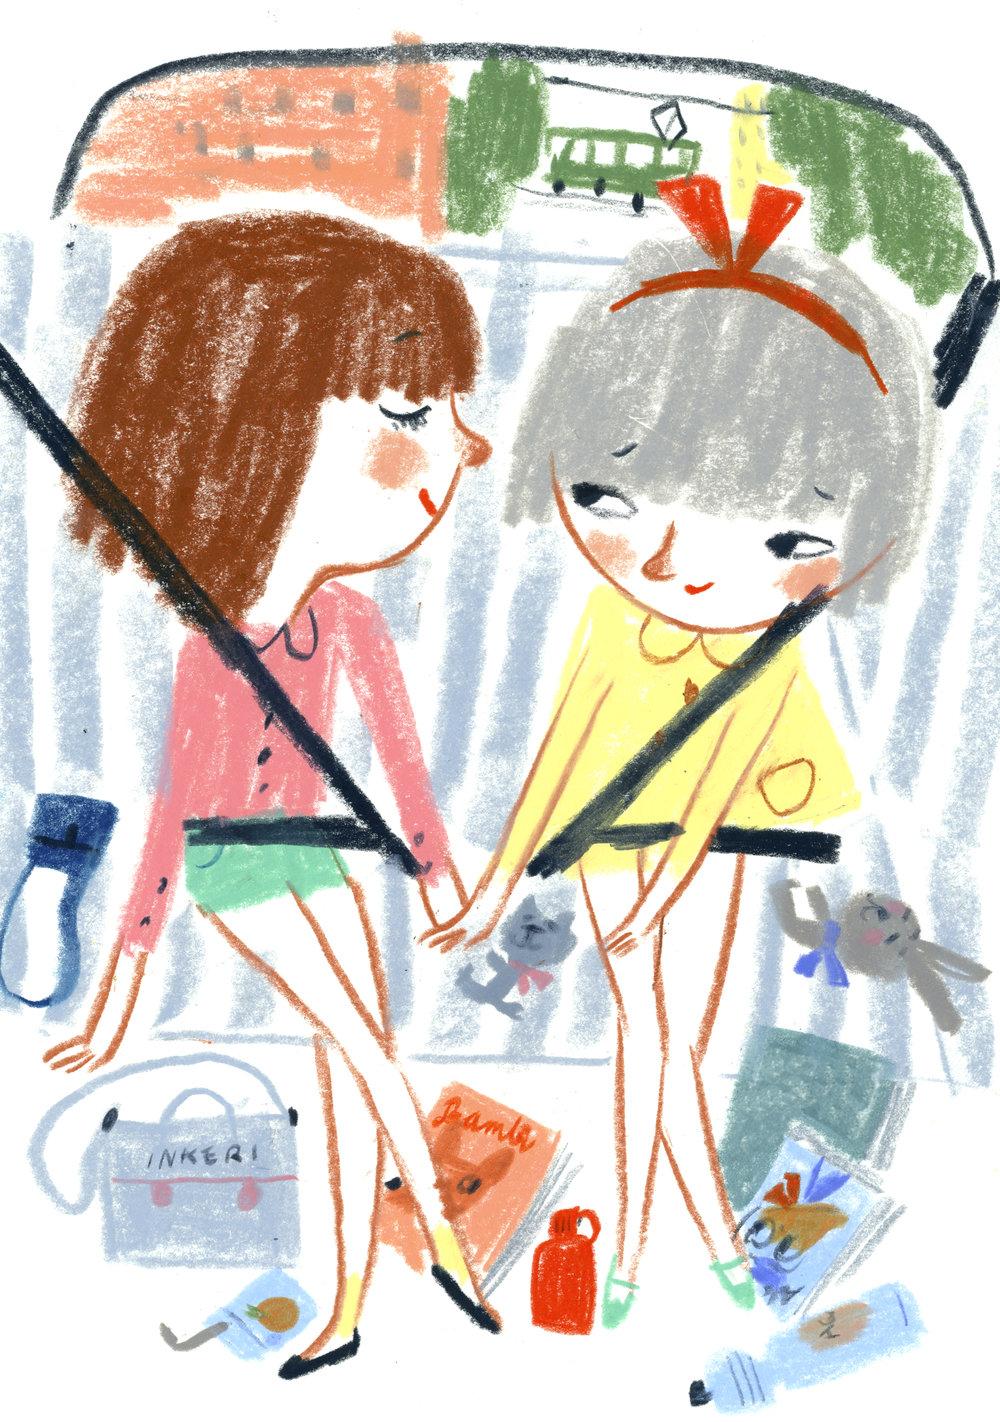 Friends forever in a car in Essi Kummu's HARJOITUSPUSUJA (Tammi 2015).